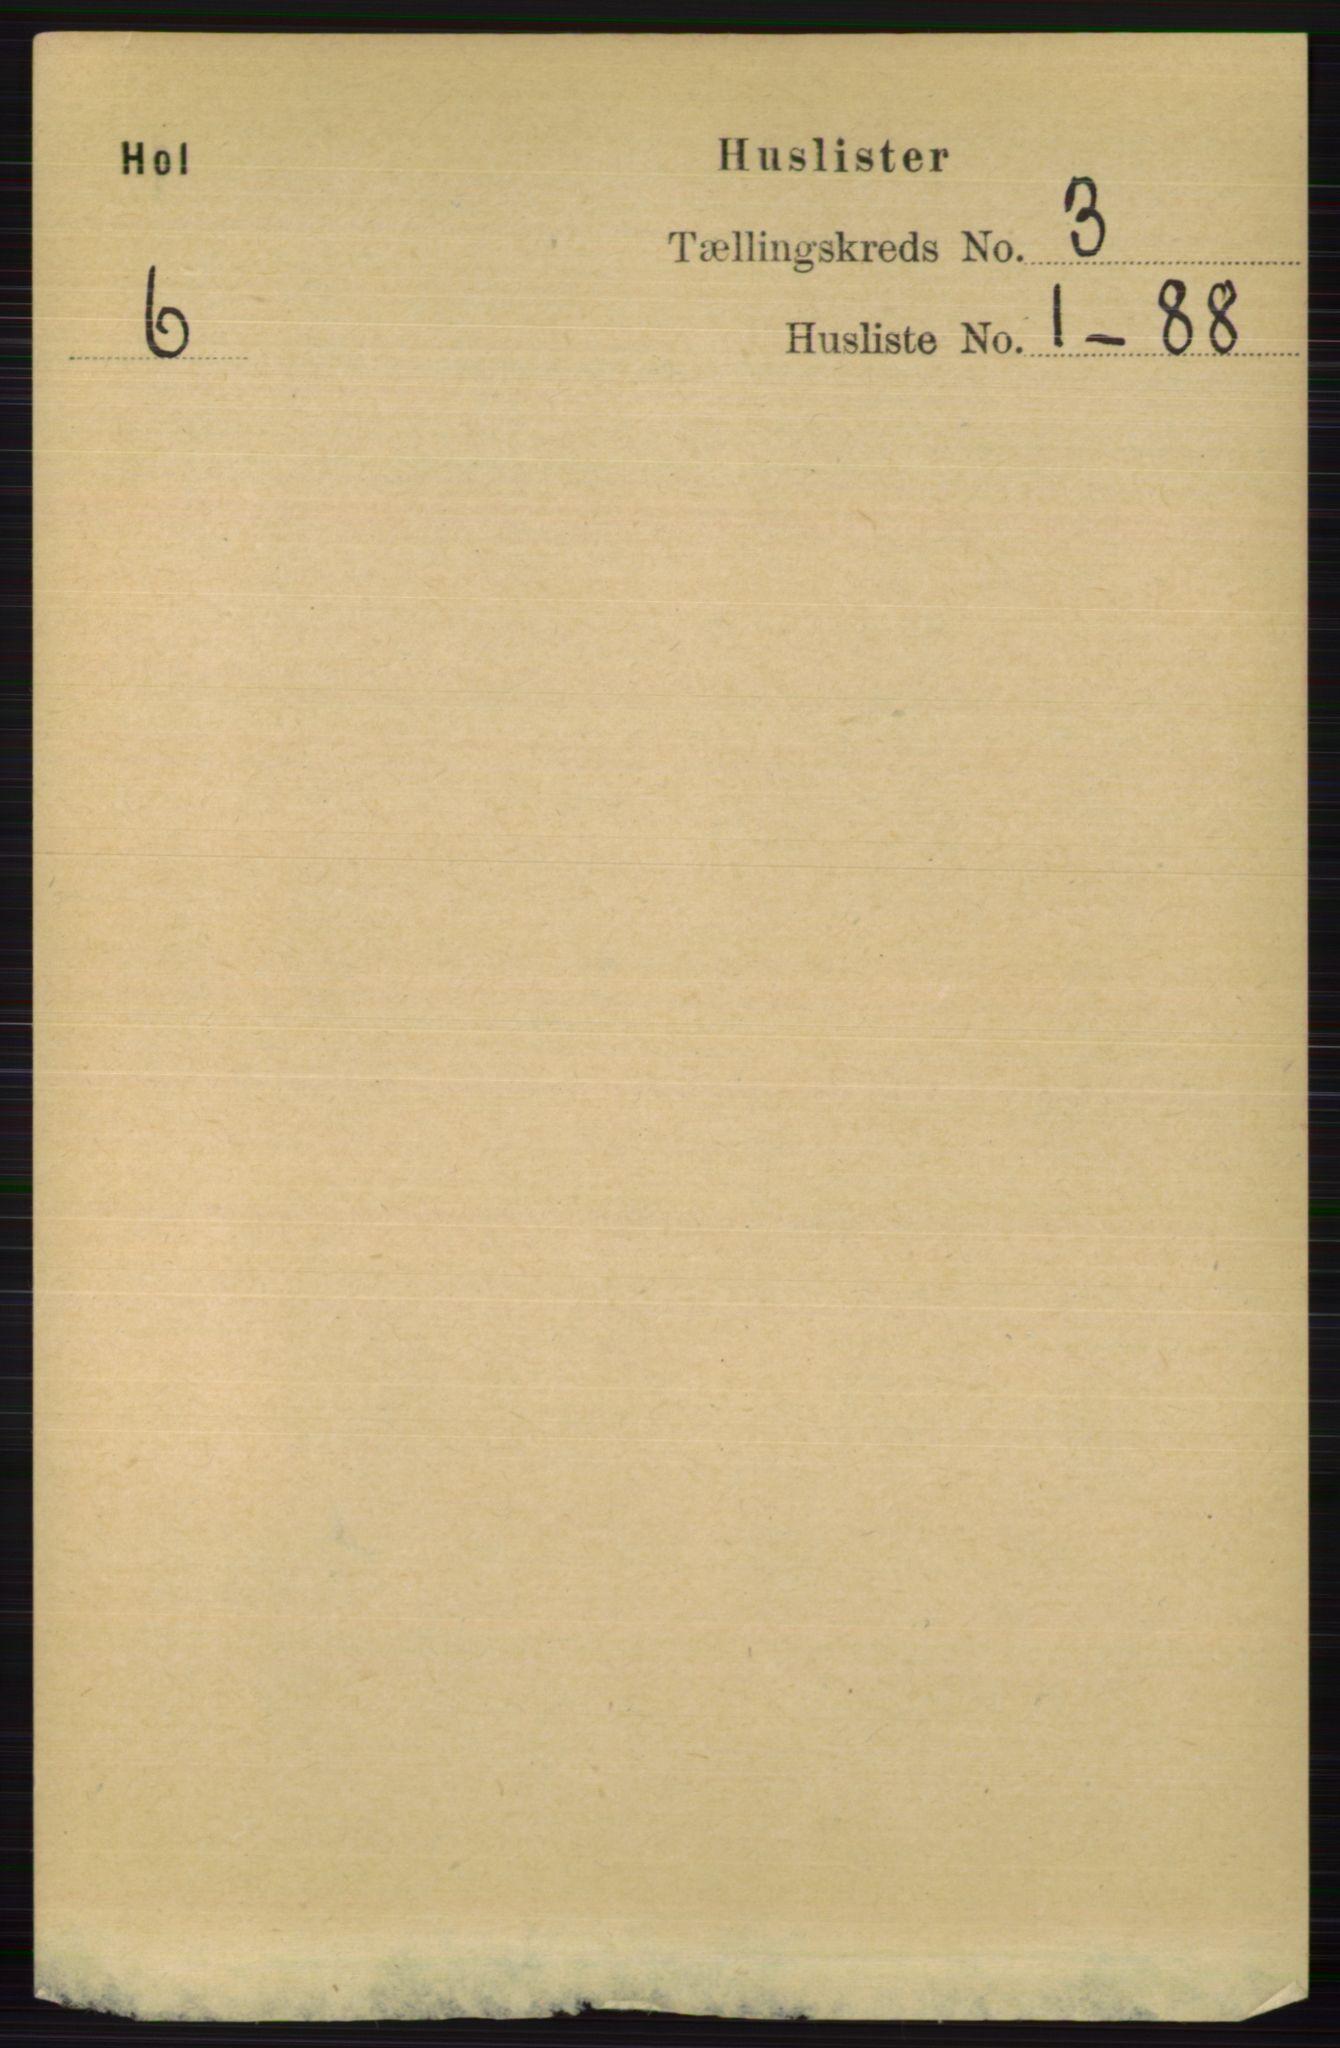 RA, Folketelling 1891 for 0620 Hol herred, 1891, s. 656